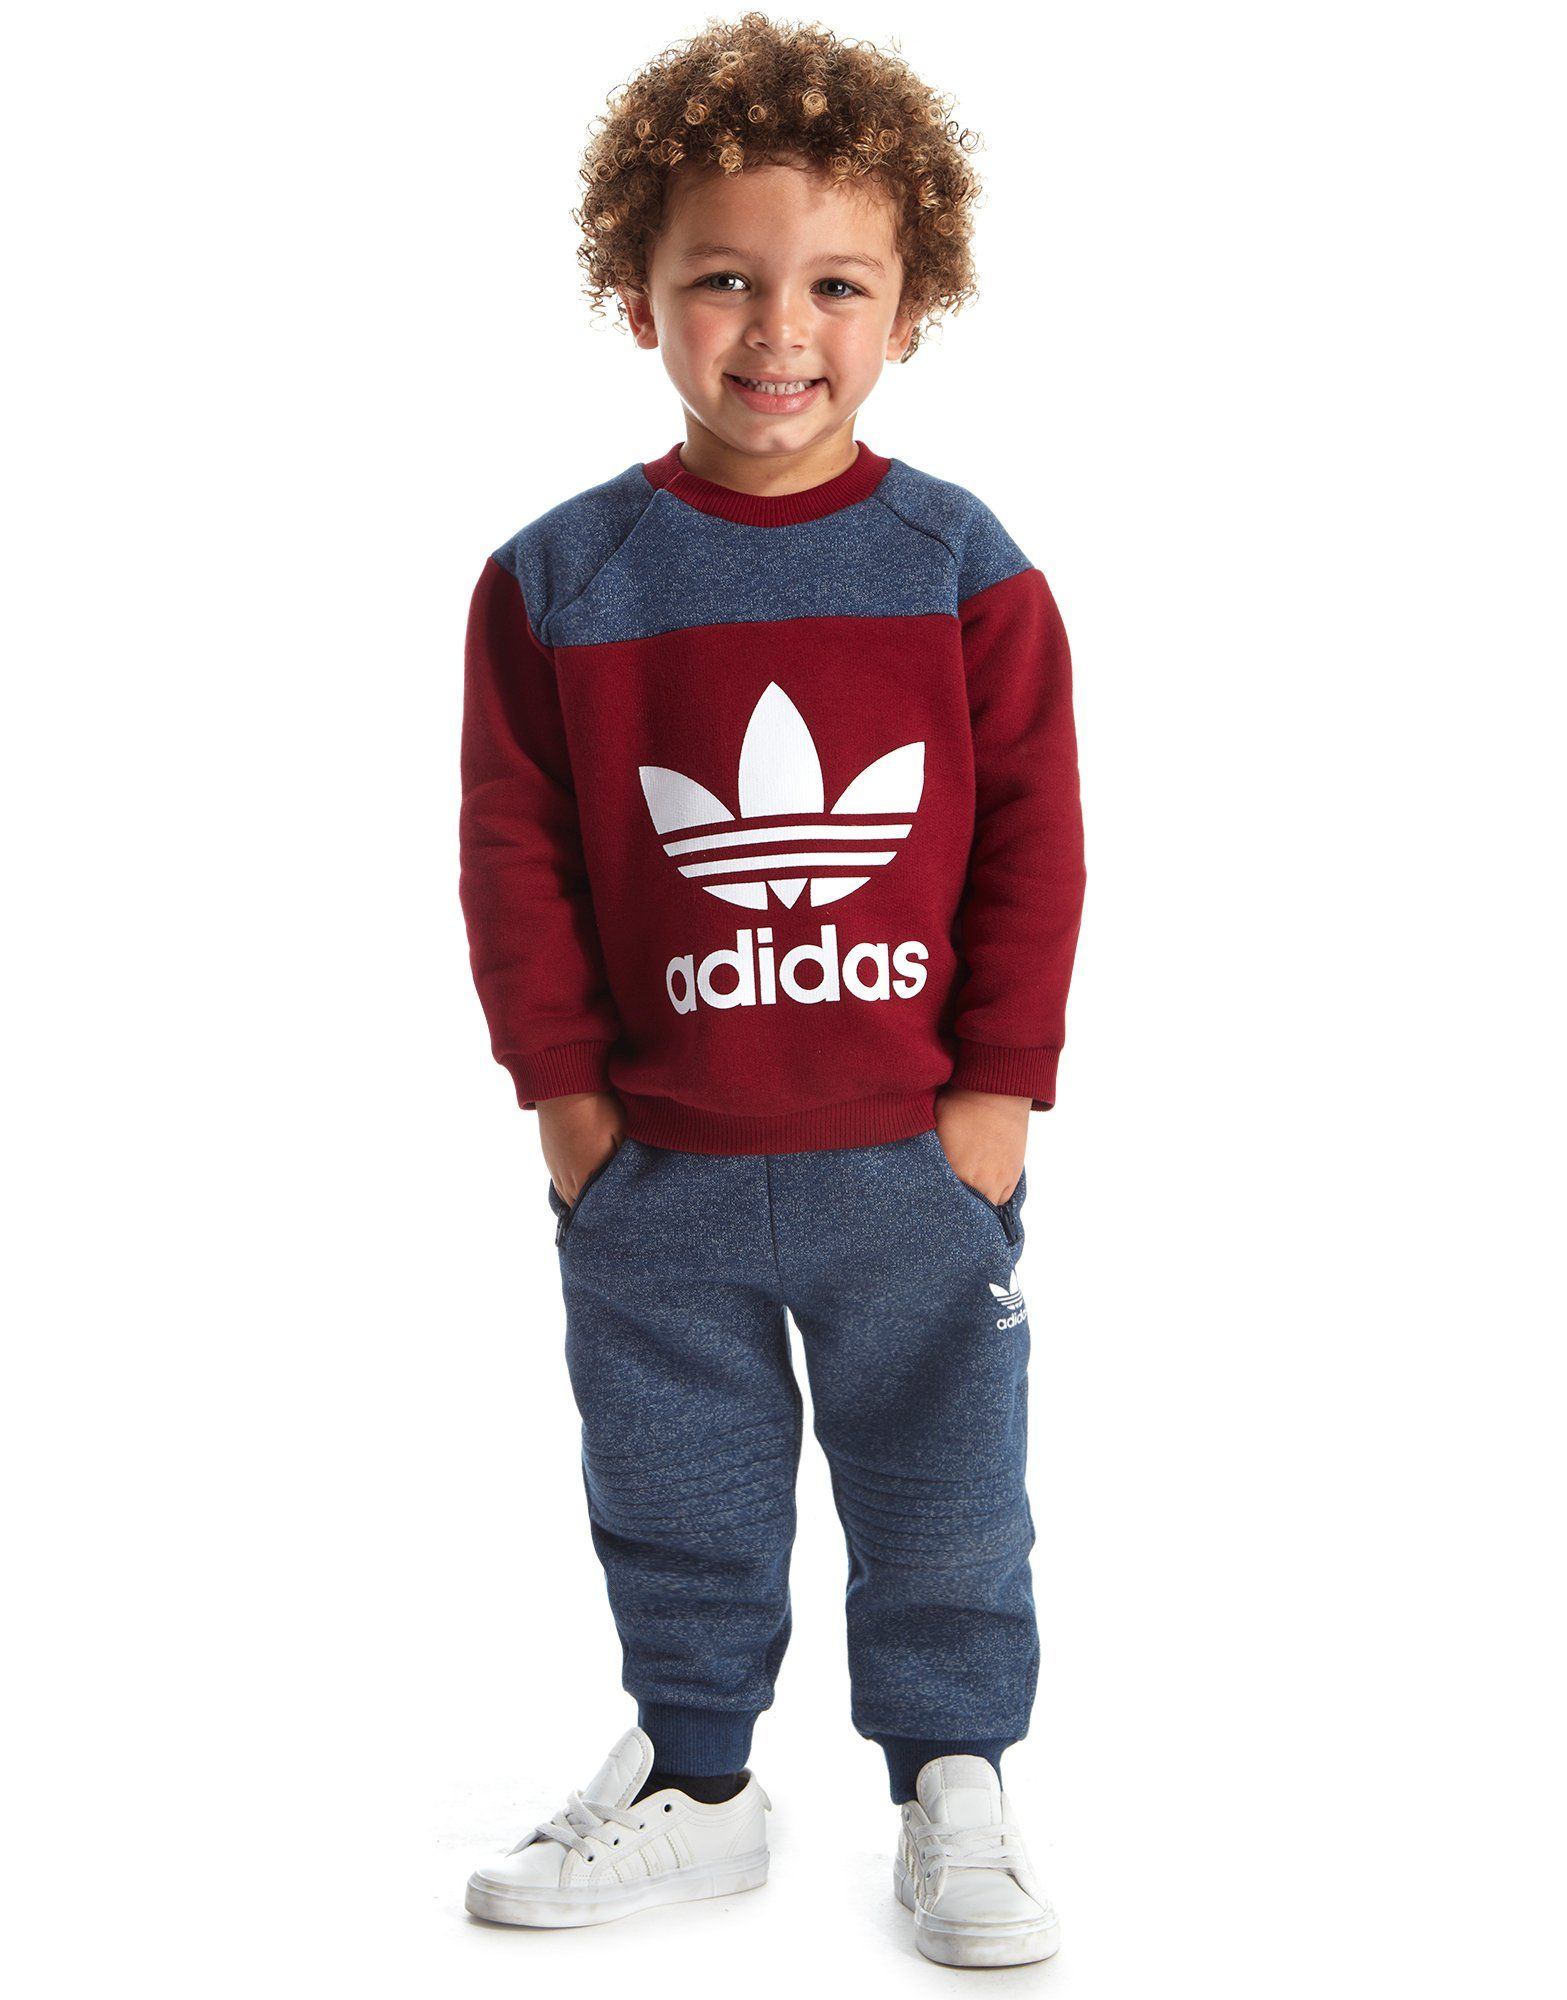 Adidas Originals Crew Suit Infant